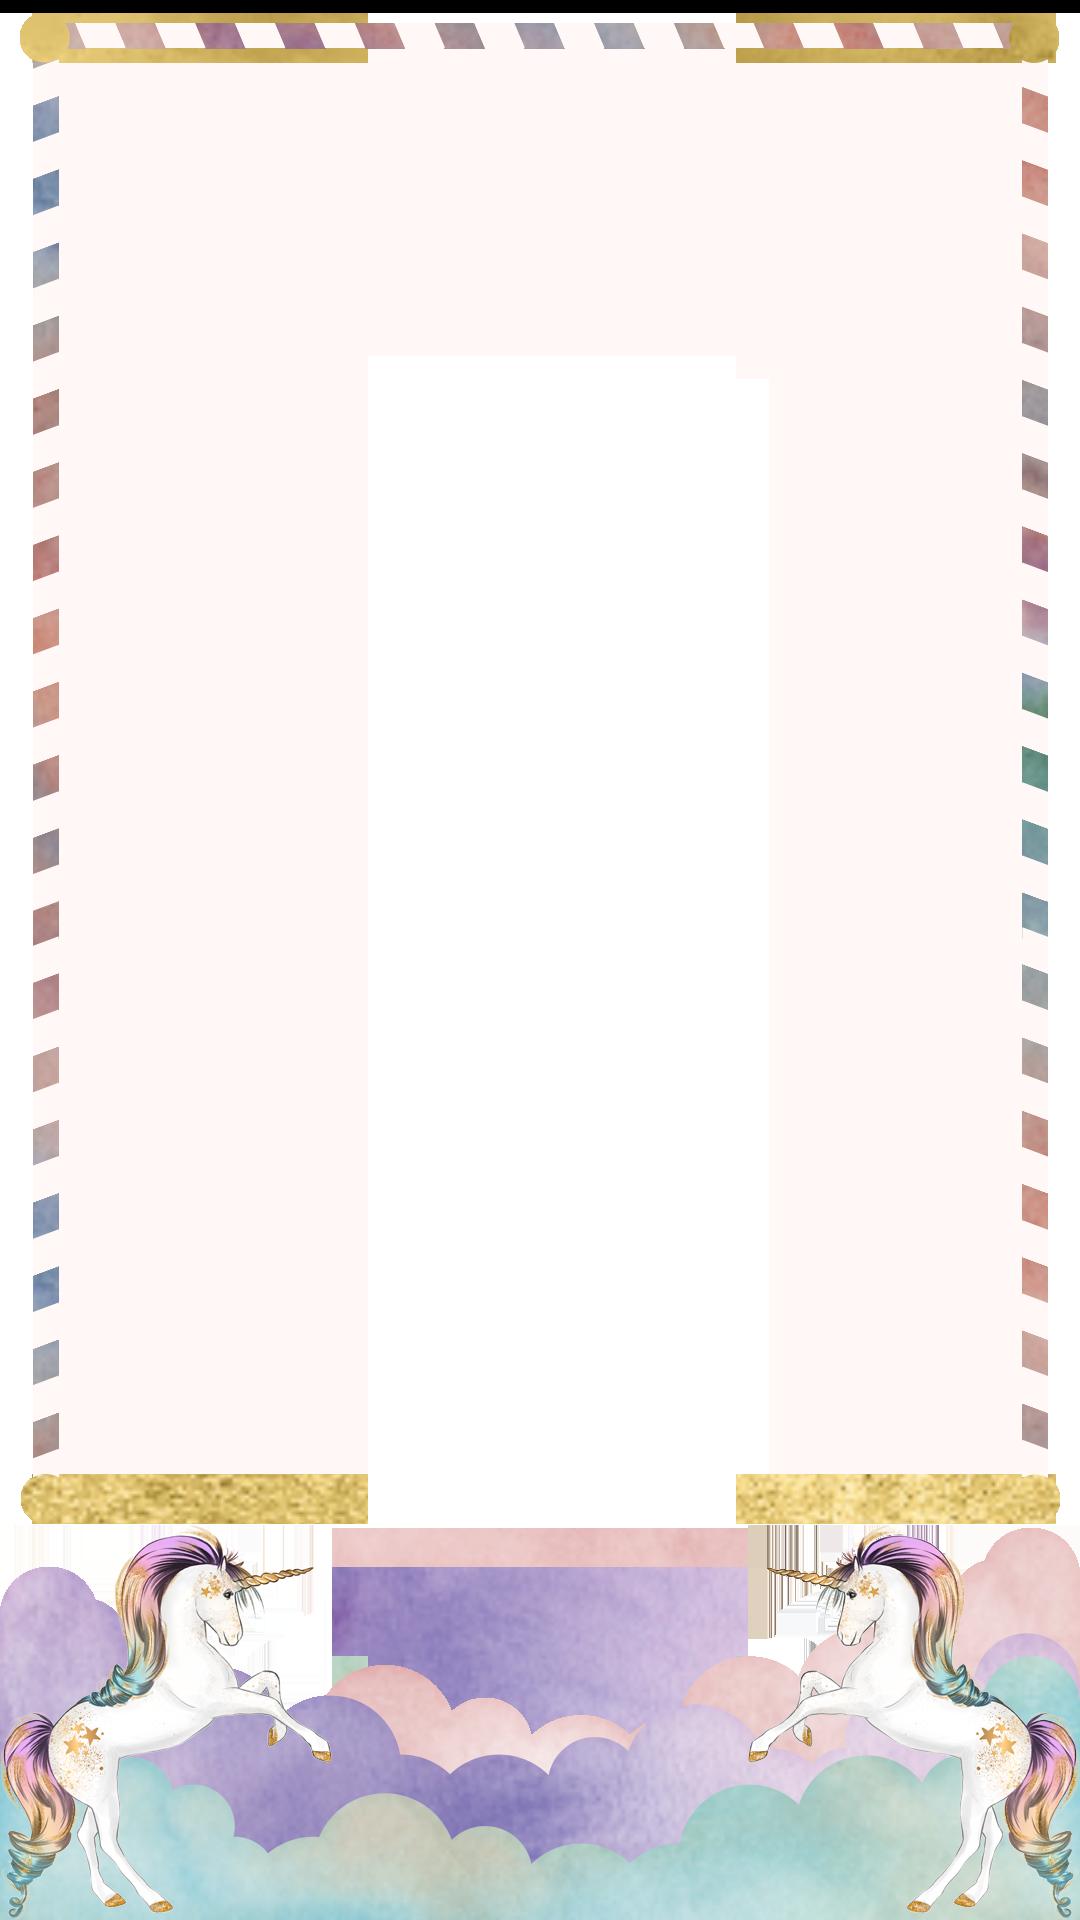 Unicorn Border Birthday Snapchat Filter.